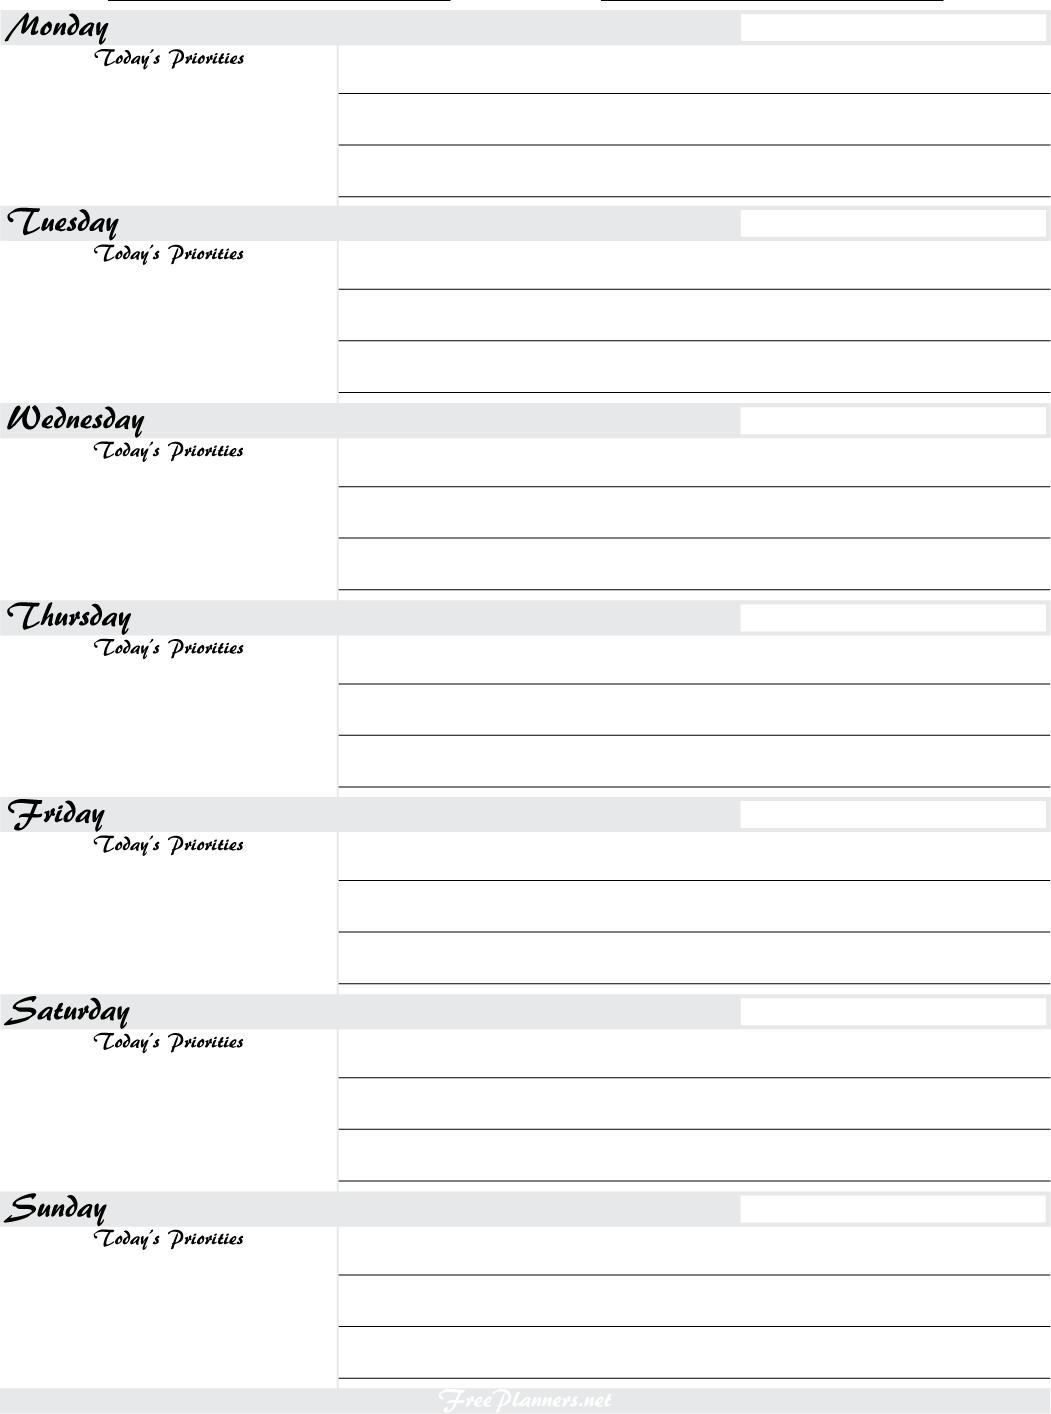 Free Printable Weekly Planners